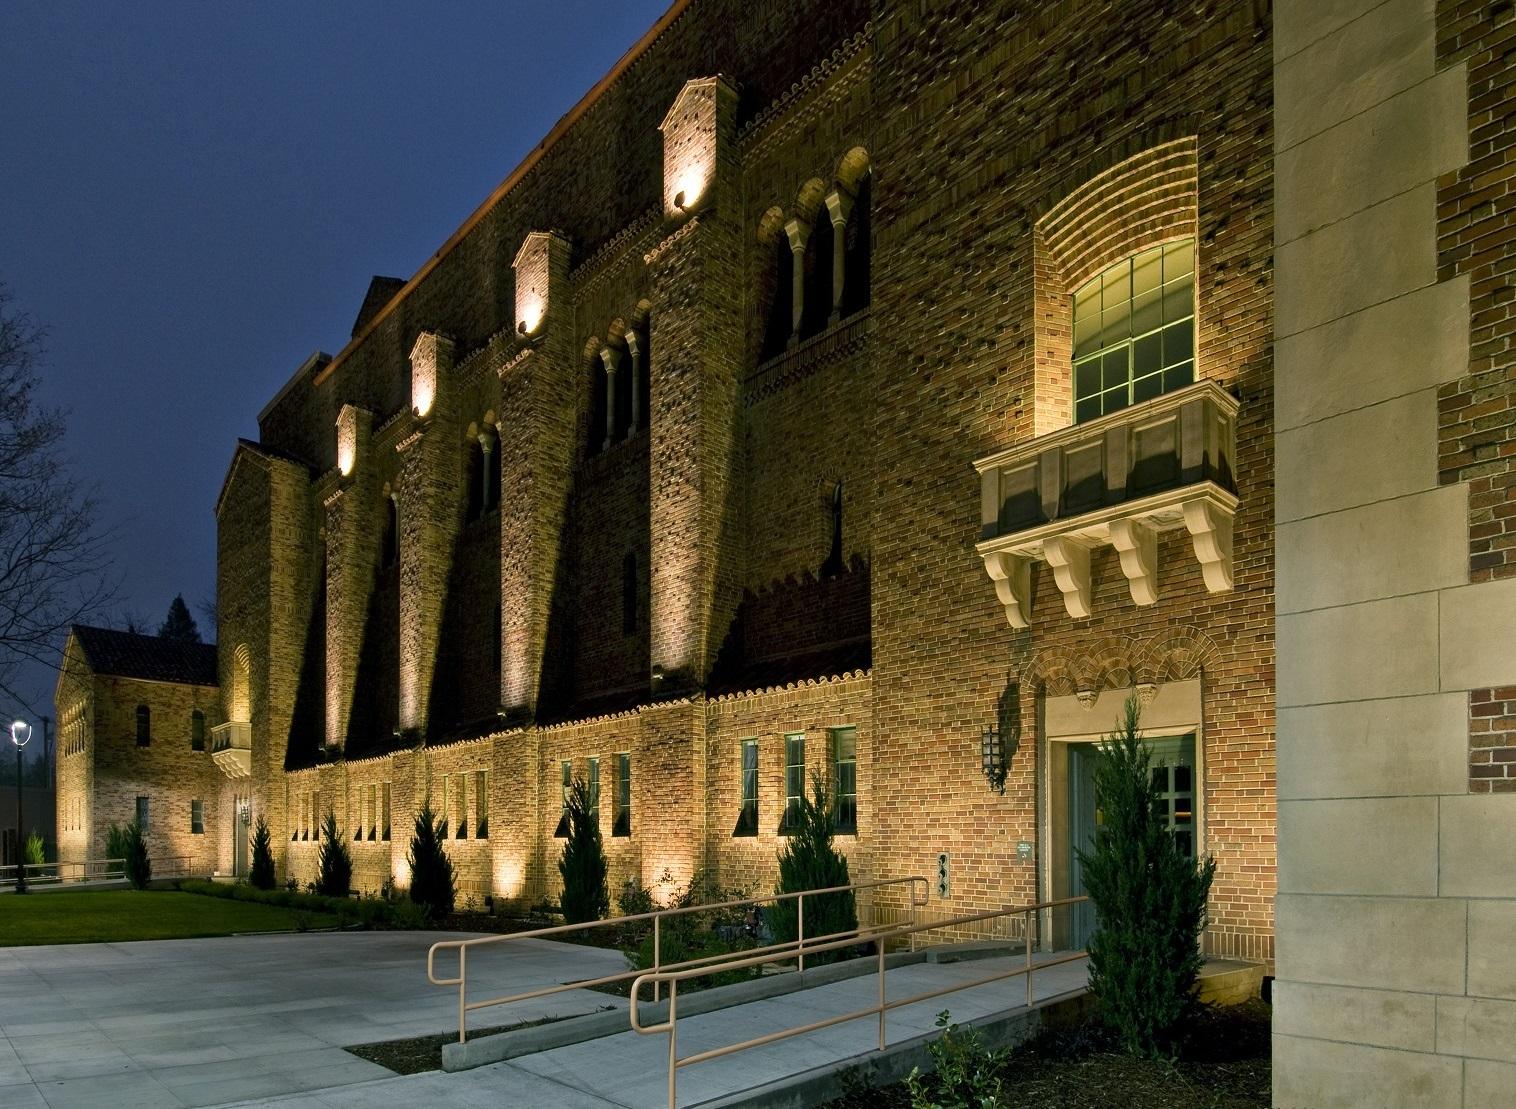 Sacramento Memorial Auditorium at night